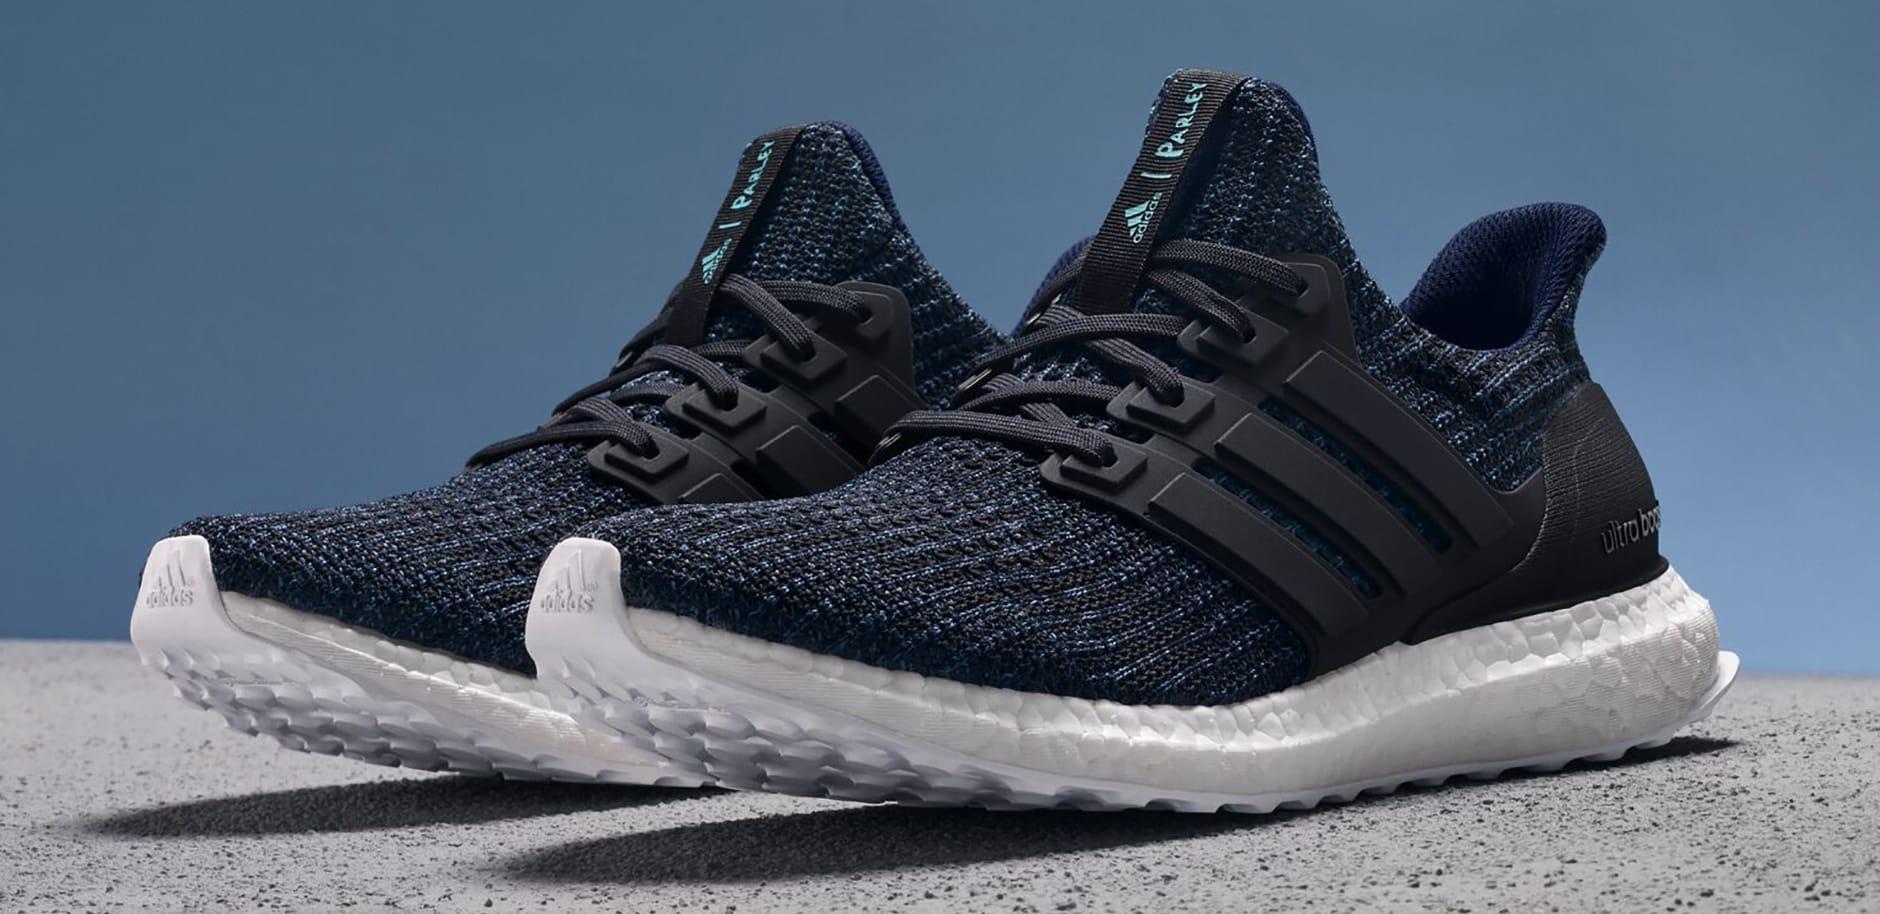 Parley x Adidas Ultra Boost 'Deep Ocean Blue' Men's